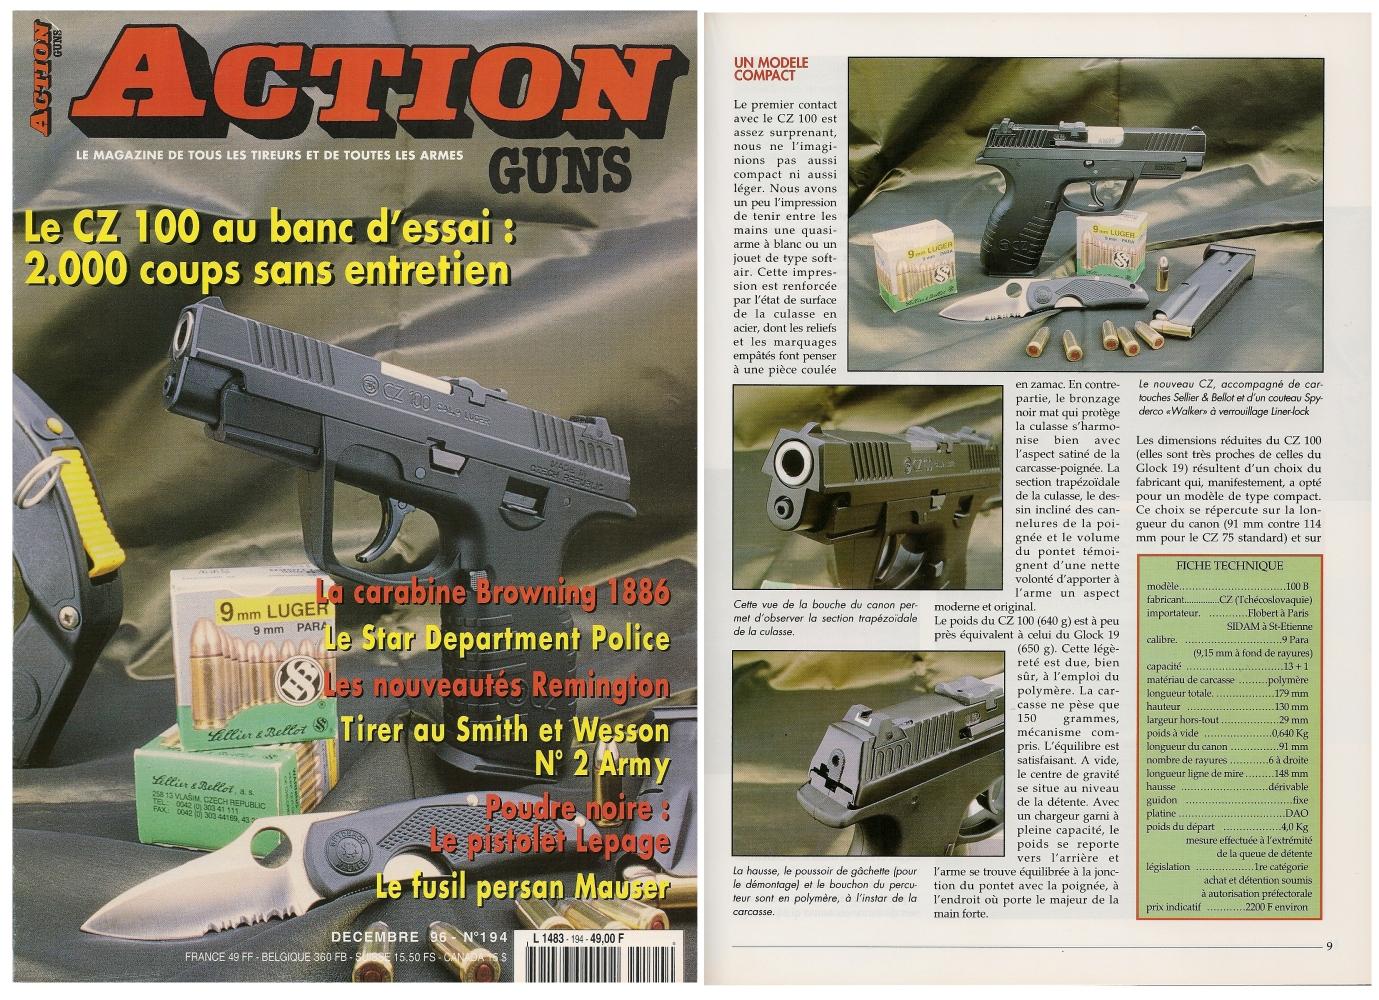 Le banc d'essai du pistolet CZ 100 a été publié sur 7 pages dans le magazine Action Guns n°194 (décembre 1996).